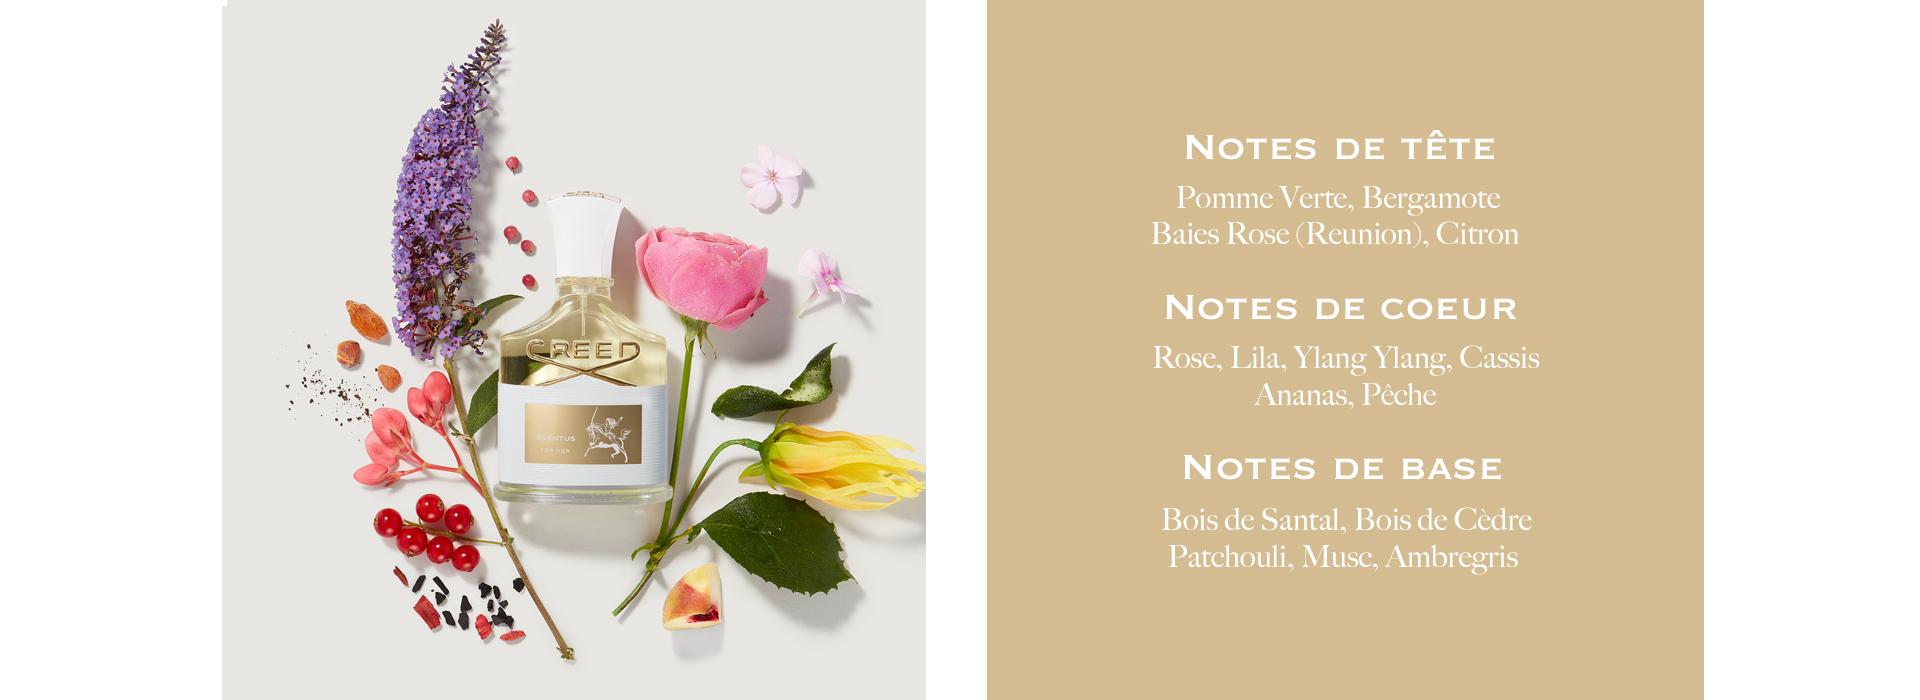 Notes De Tete: Pomme Verte, Bergamote, Baies Rose (Reunion), Citron. Notes De Coeur: Rose, Lila, Ylang Ylang, Cassis, Ananas, Peche. Notes De Base: Bois De Santal, Bois de Cedre, Patchouli, Muse. Ambregris.